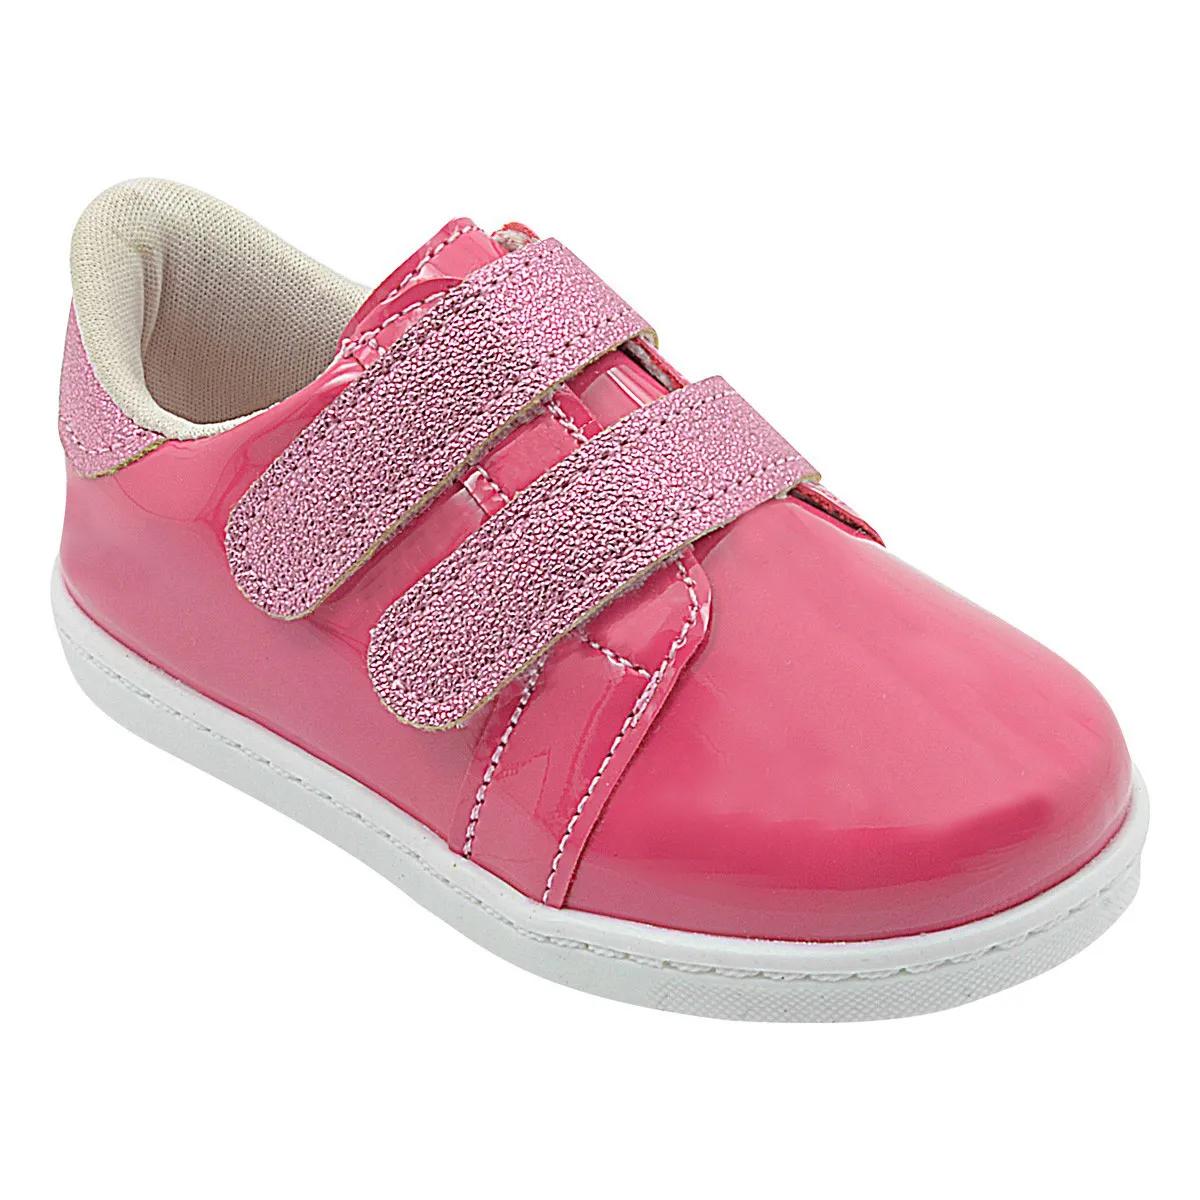 Tênis Infantil Pé com Pé Pink com Glitter Menina Calce Fácil